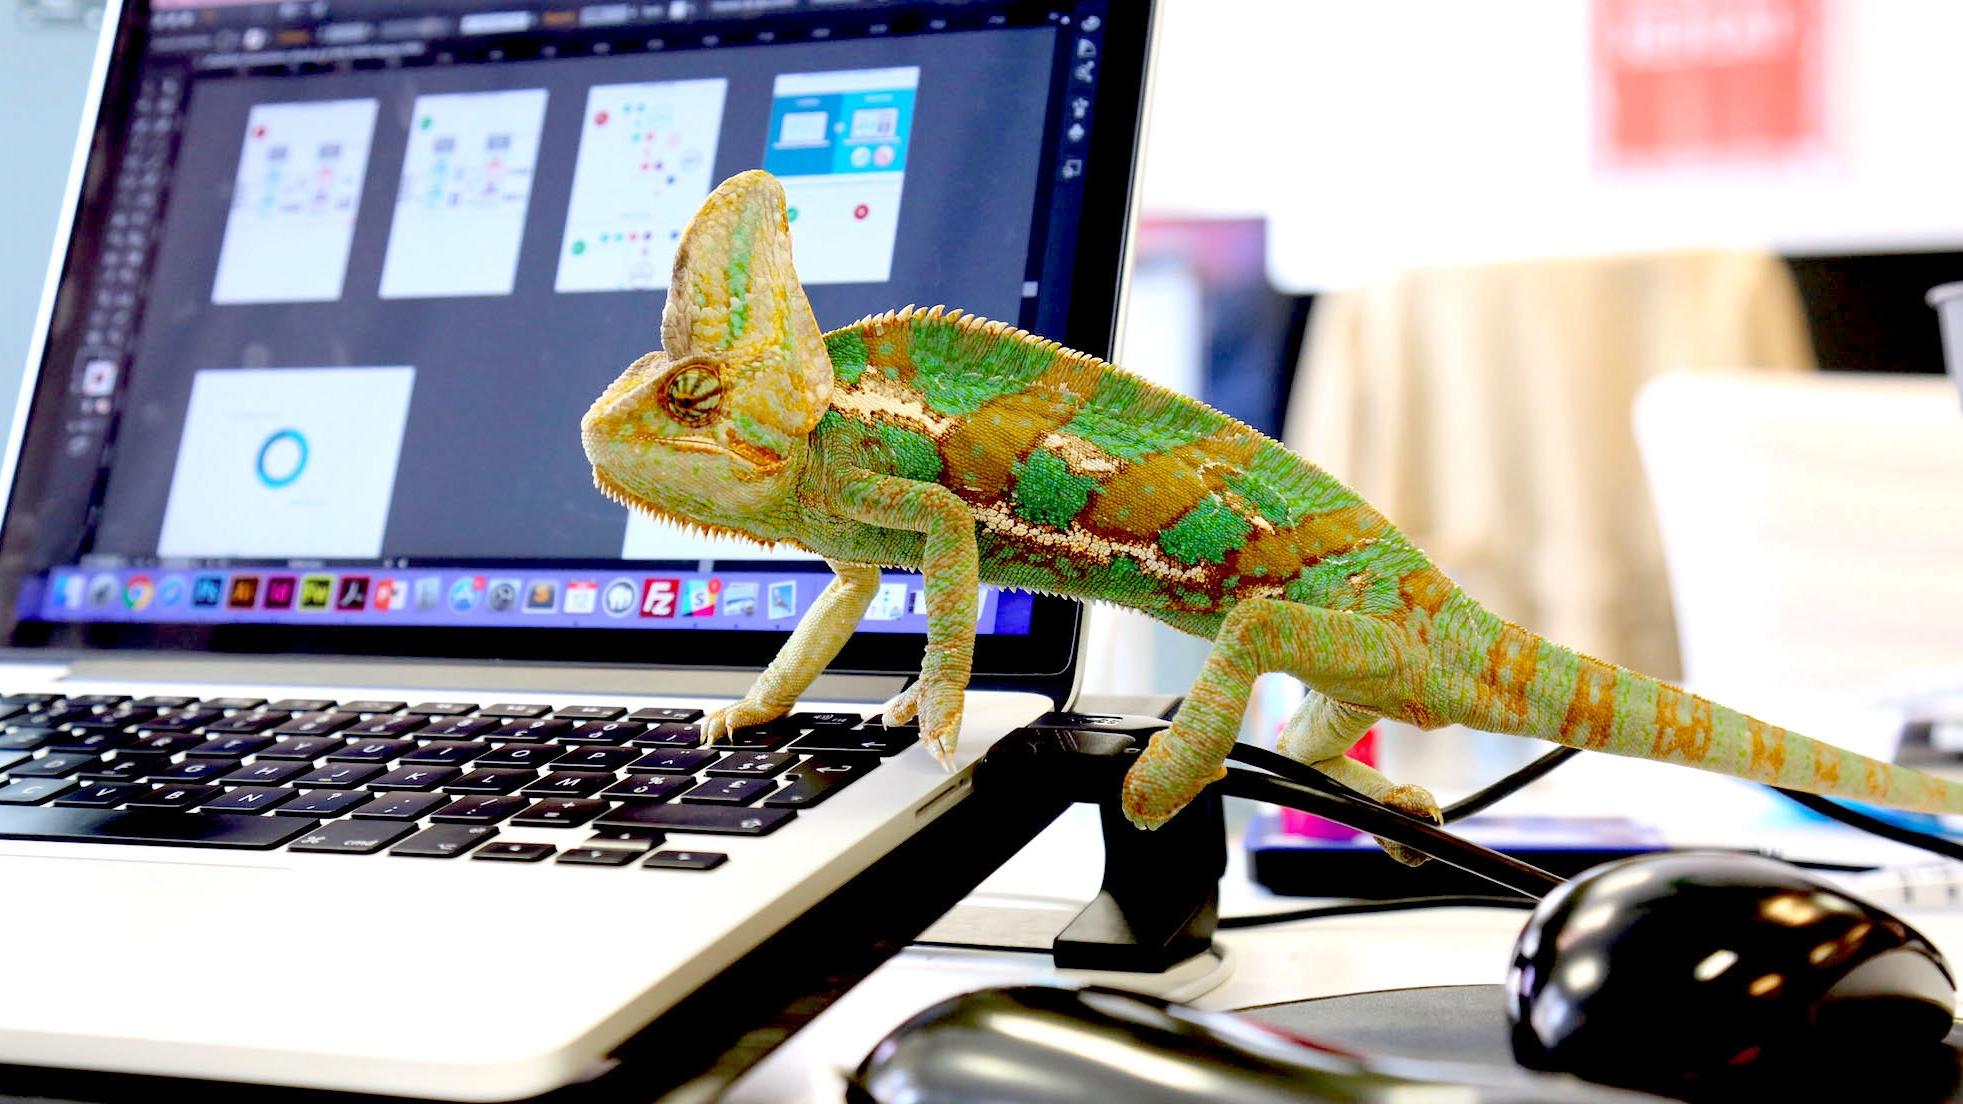 Kameleoon raised €2m from SGPA - November 2015